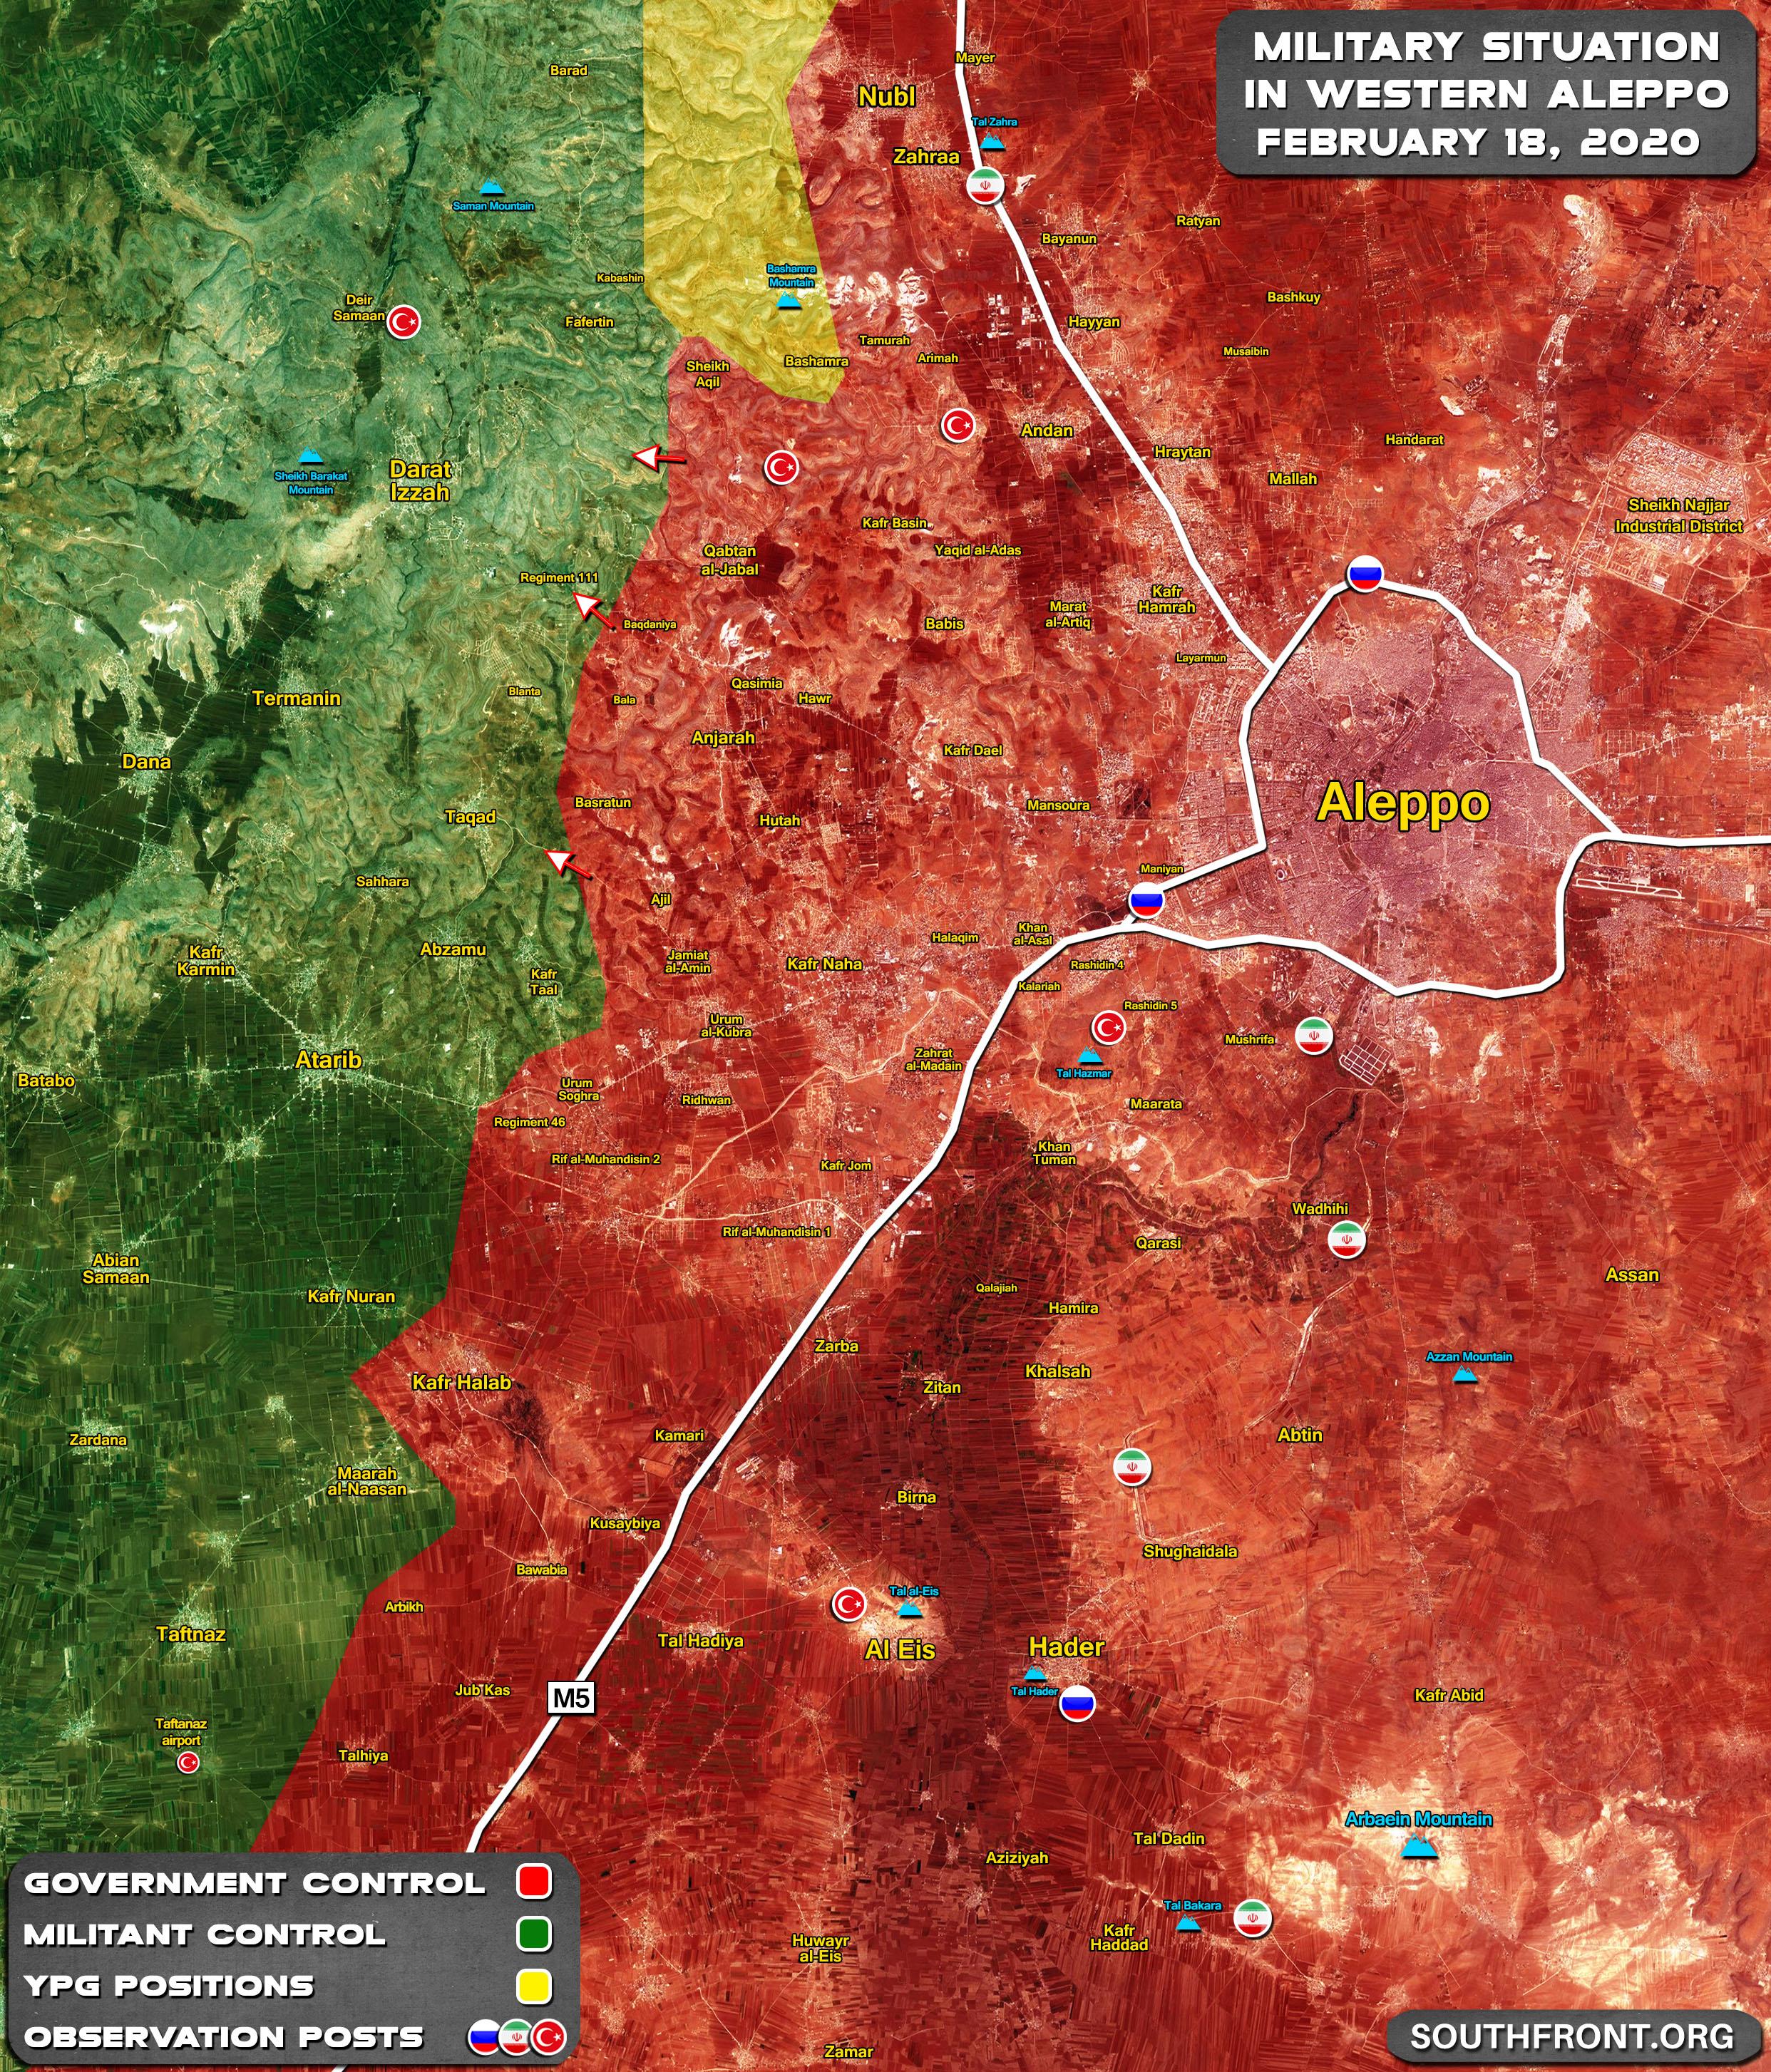 18feb_Western-Aleppo-Map.jpg